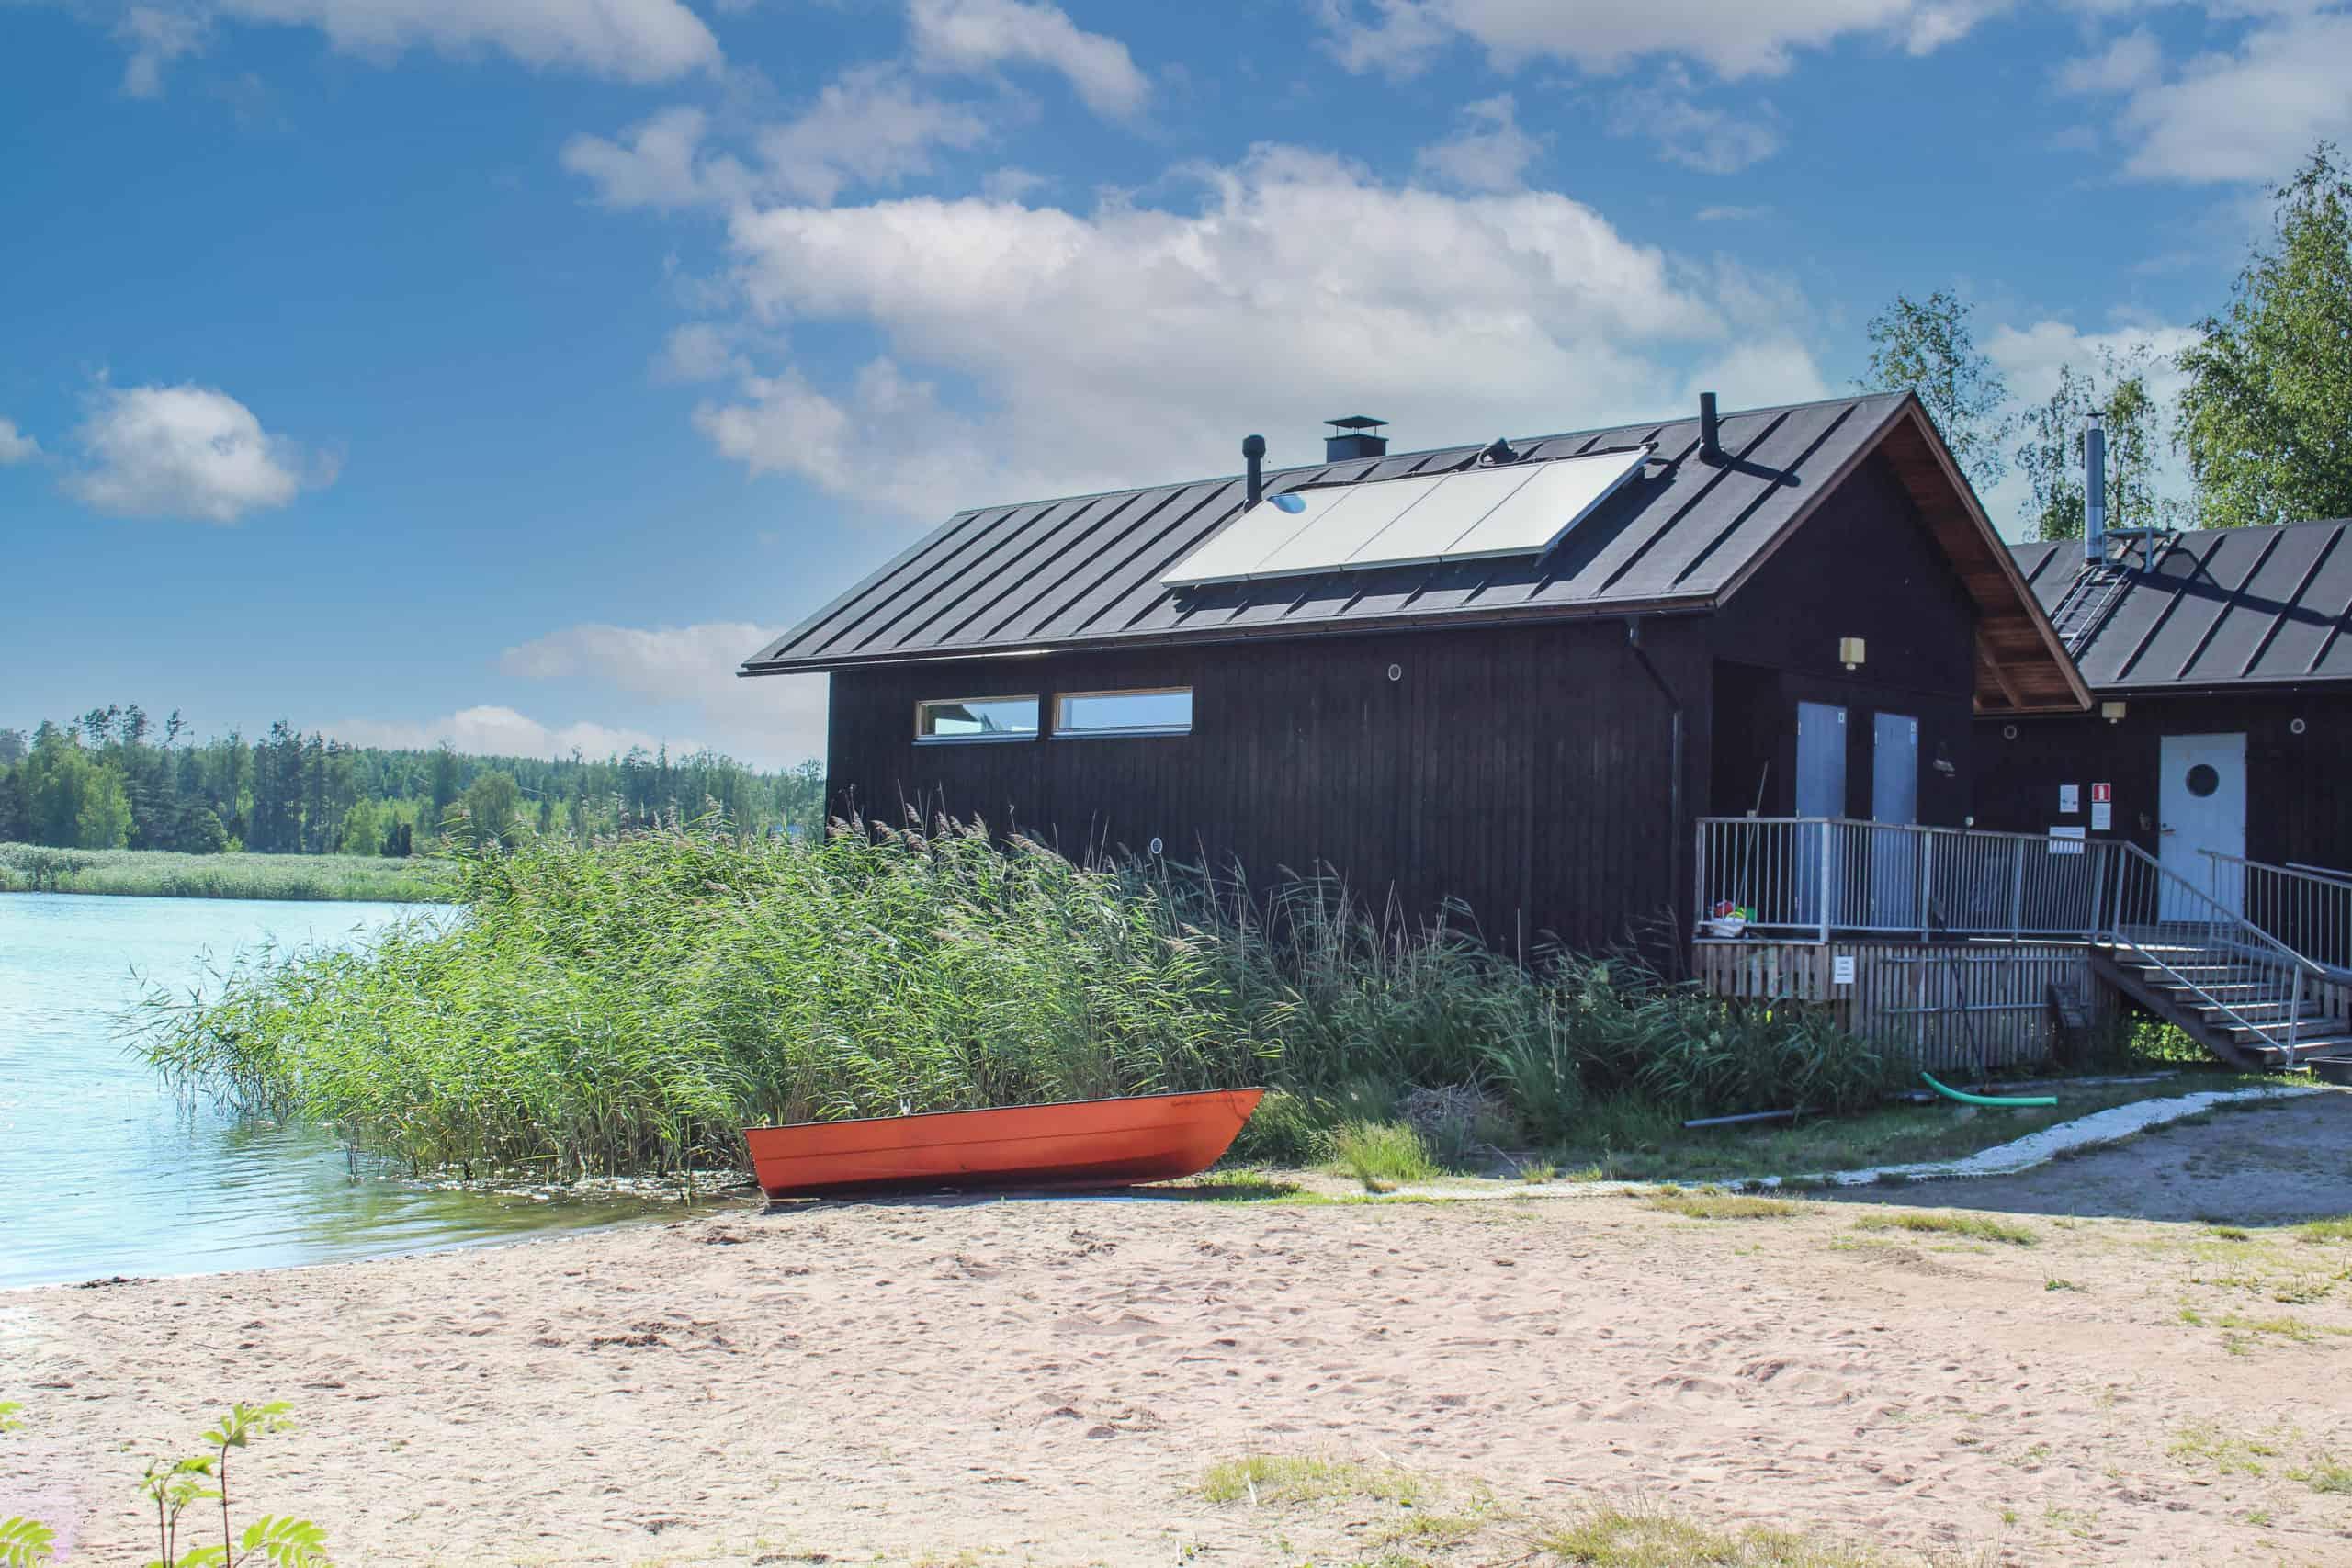 Tumma rakennus ja punainen vene hiekkarannalla.